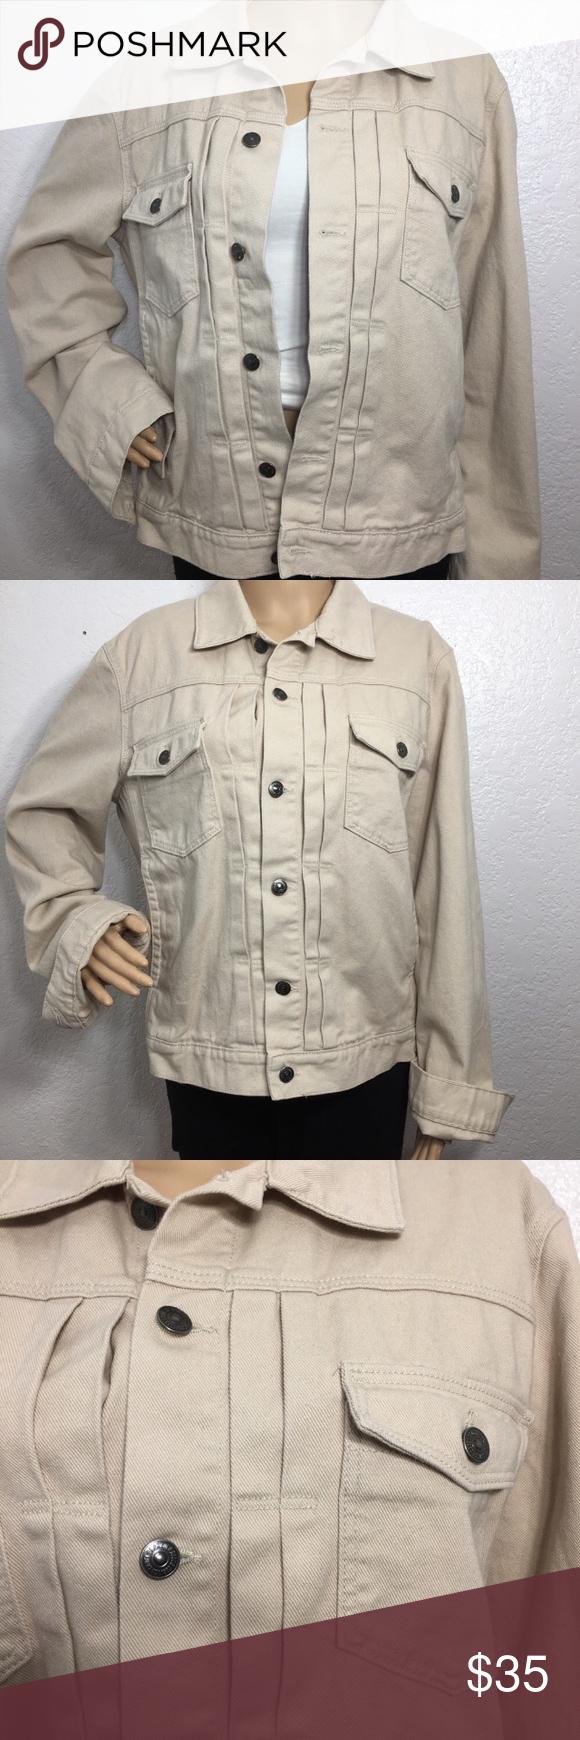 L O G G By H M Beige Jean Jacket Jackets Beige Jeans Jean Jacket [ 1740 x 580 Pixel ]